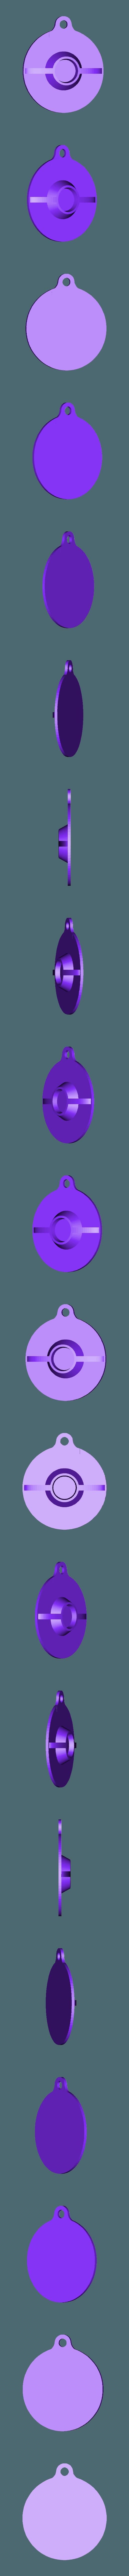 pbb_base_flat_keychain.stl Télécharger fichier STL gratuit Porte-clés Pokéball • Design imprimable en 3D, Sebtheis